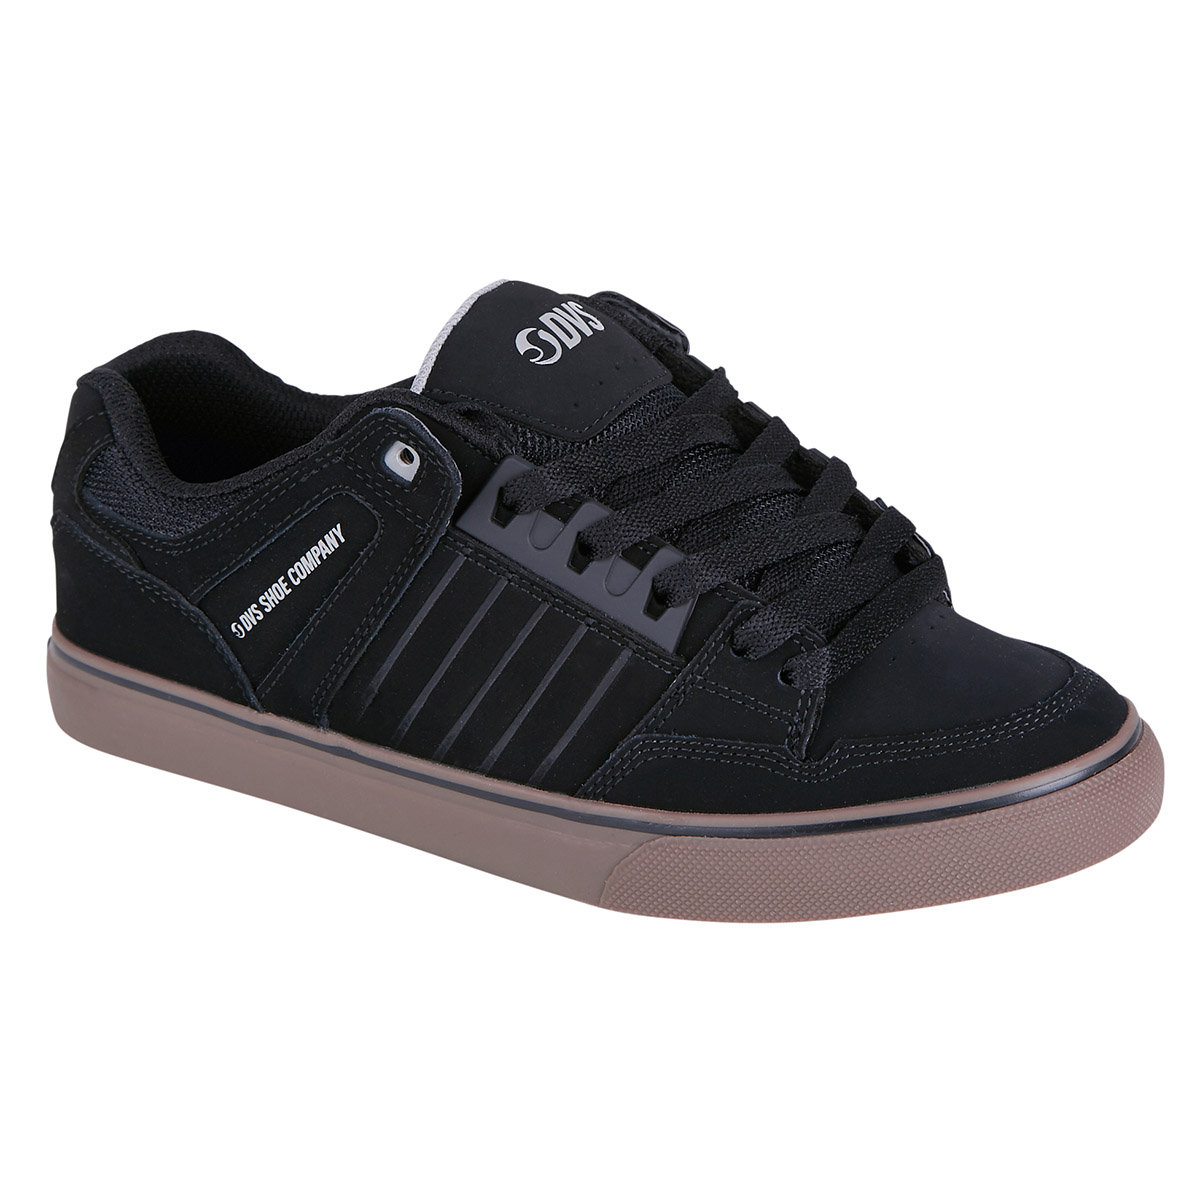 DVS Schuhe Celsius CT Black Nubuck